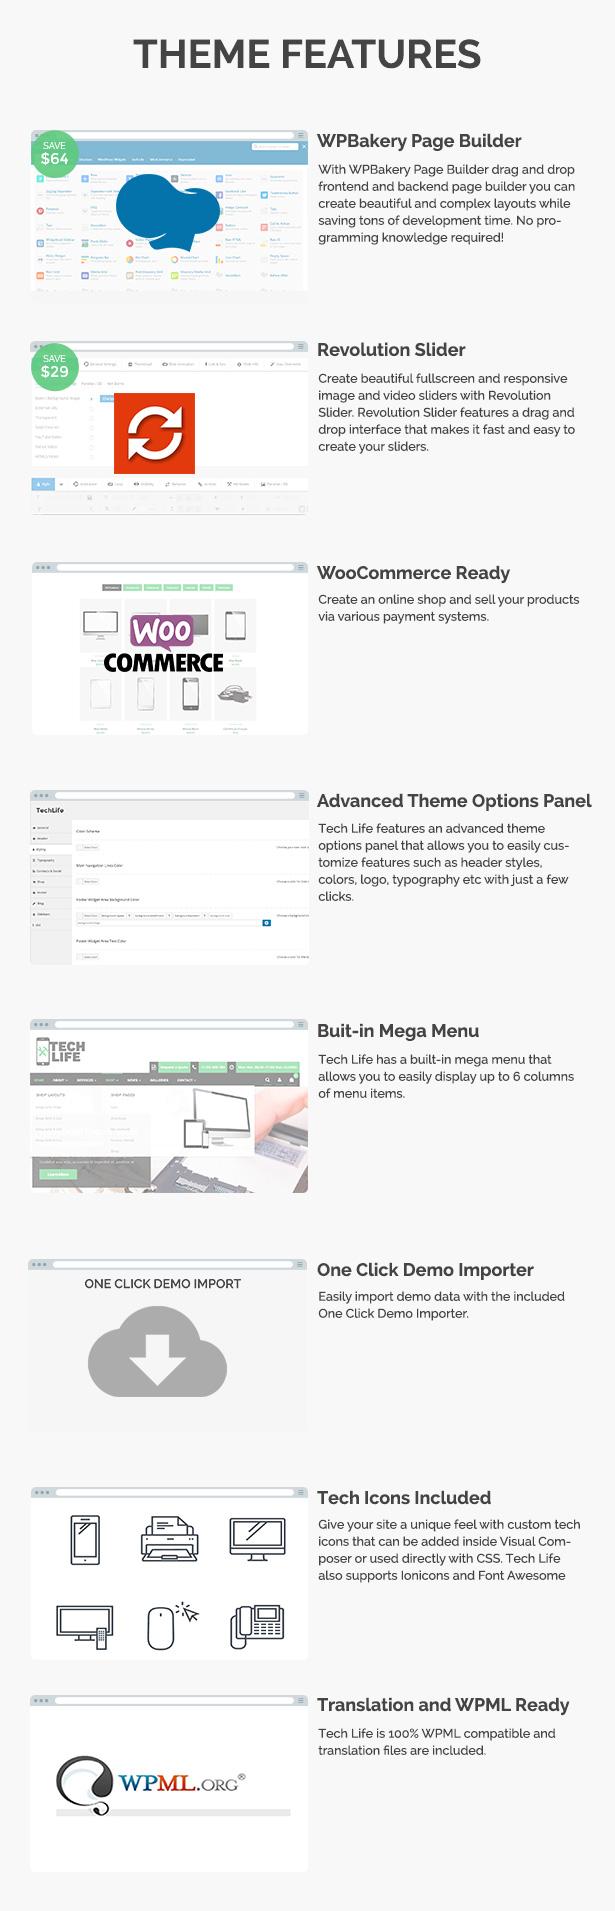 TechLife - Mobile, Tech & Electronics Repair Shop WordPress Theme - 5